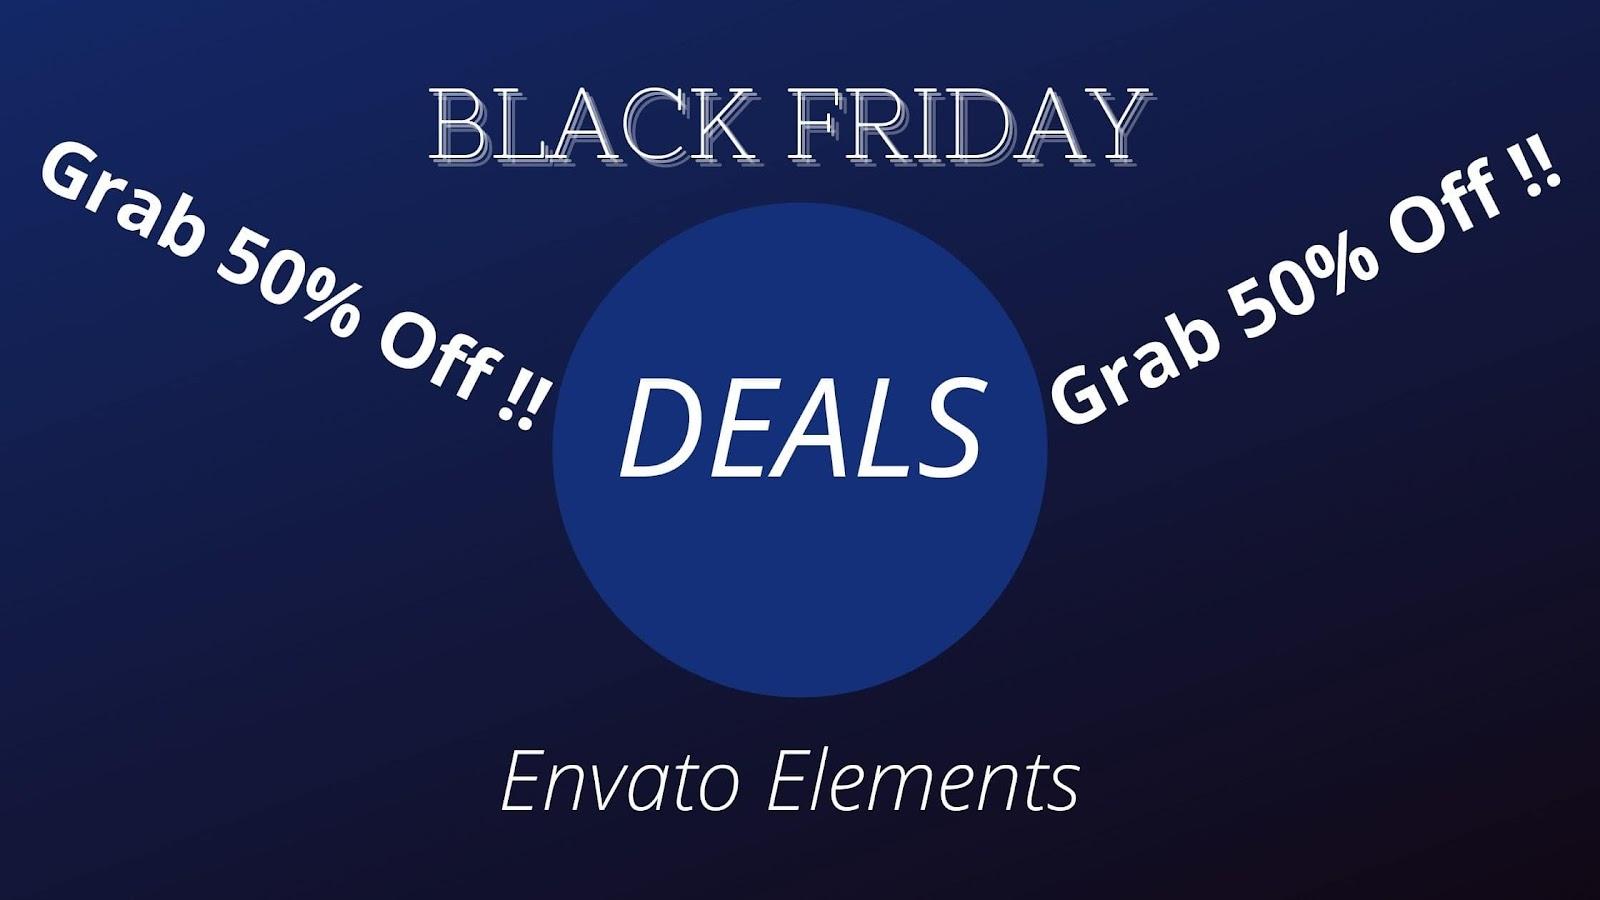 Envato Elements: Grab 50% Off!